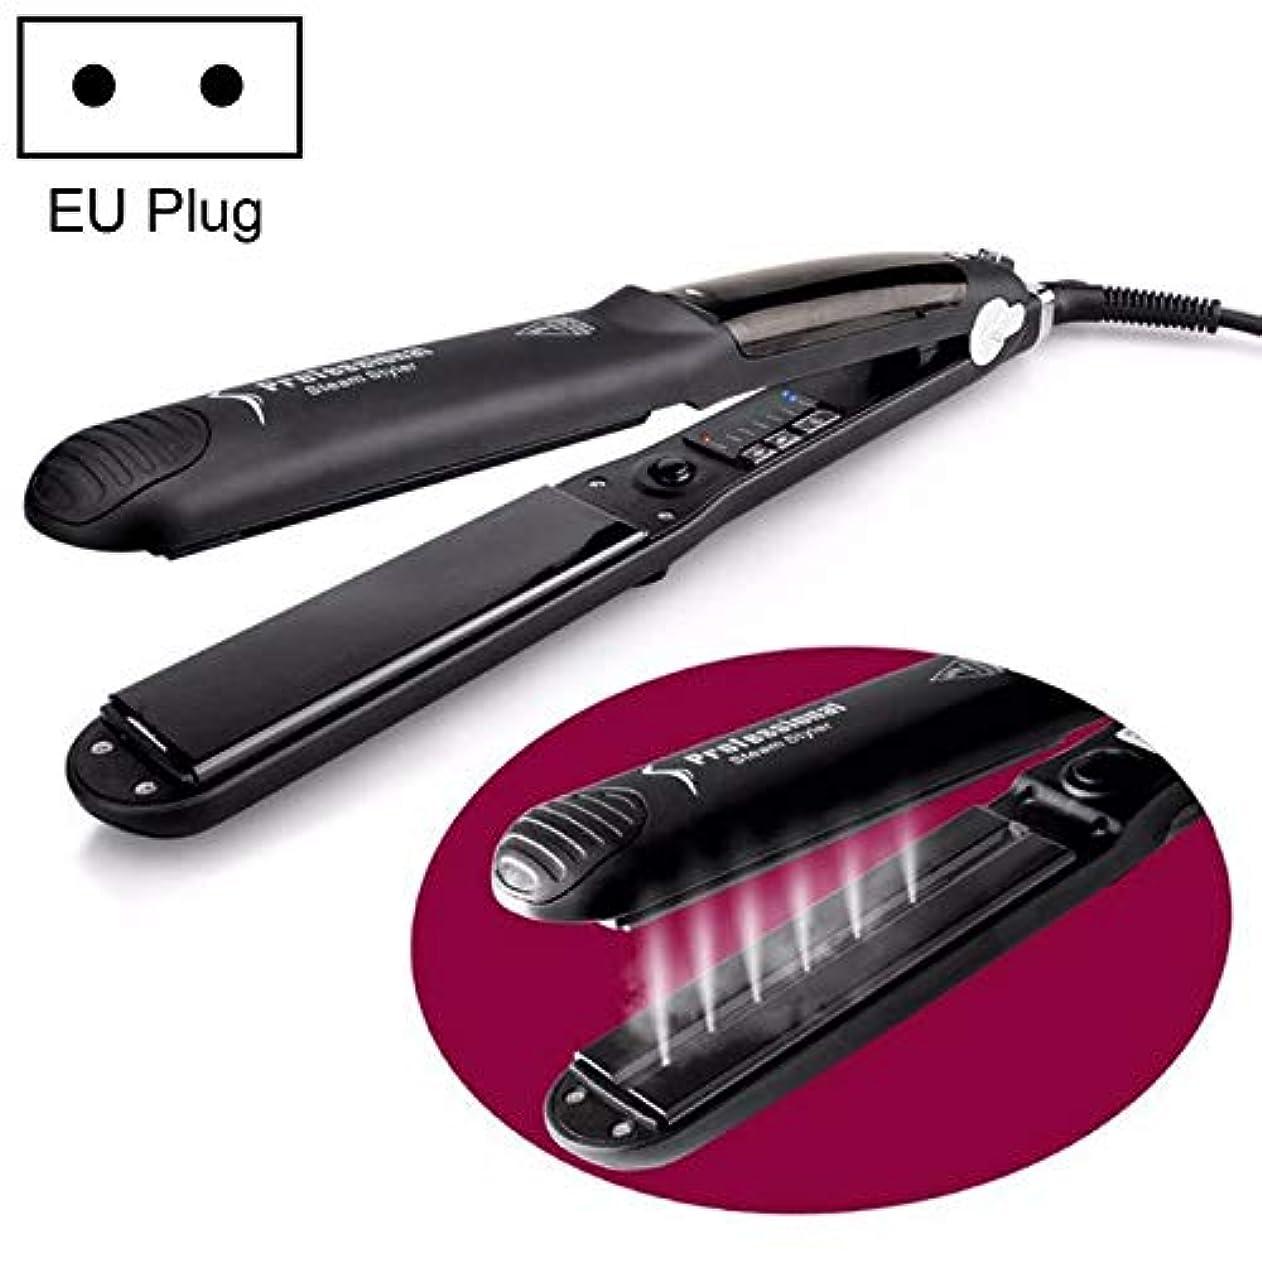 ナチュラルラップ分布WTYD 美容ヘアツール スチームスプレー電気スプリントヘアストレイトナープラスチックボトル、EUプラグ